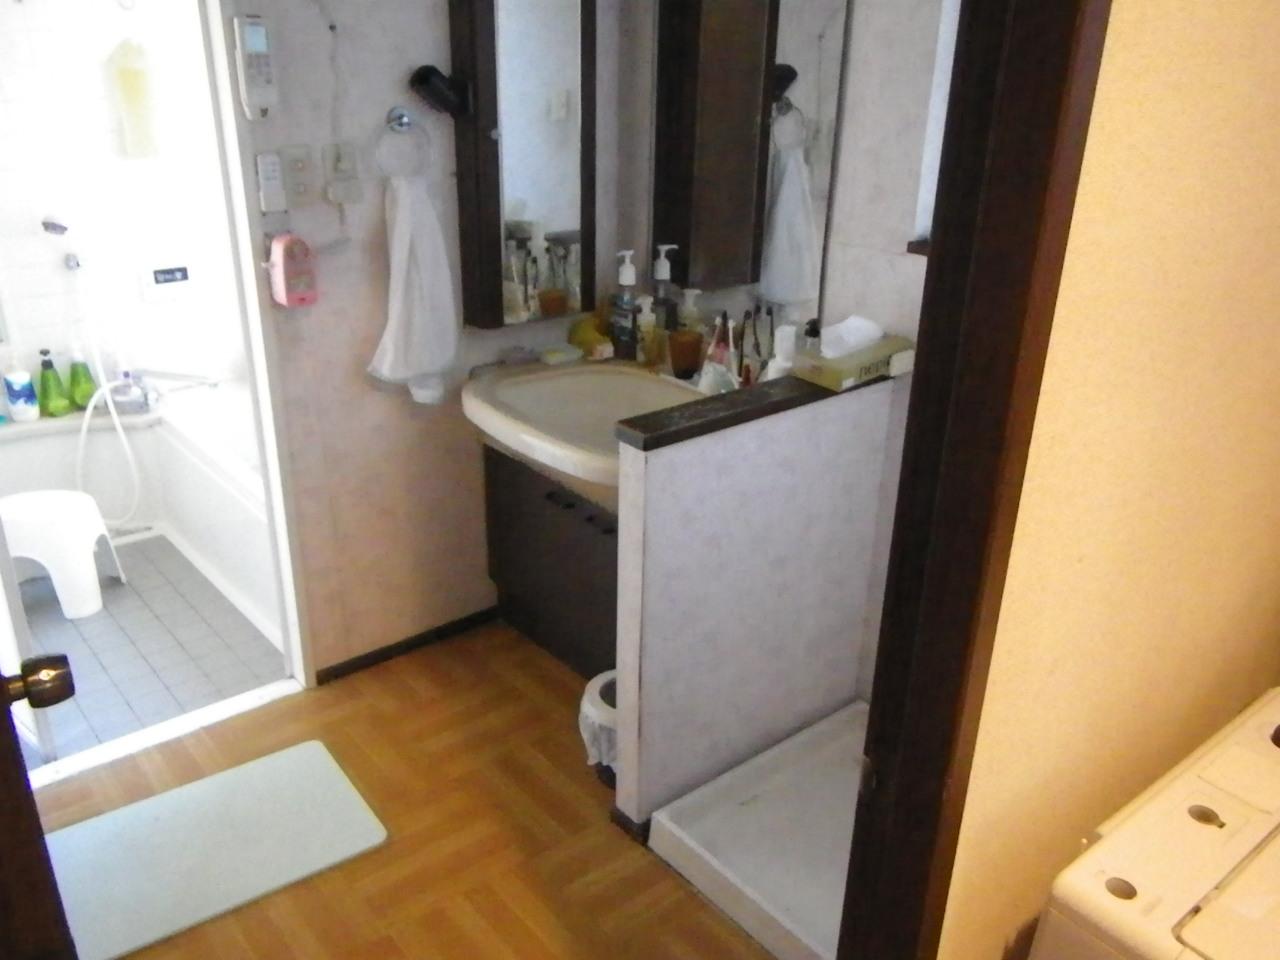 水漏れを起こしてしまった洗面台。使用年数も25年を超え、パッキンやシャワーホース部など水漏れを起こしてしまう可能性が高まります。写真は仕上げ床材までご主人様が手直しされきれいに見えますが、所々段差が気になります。